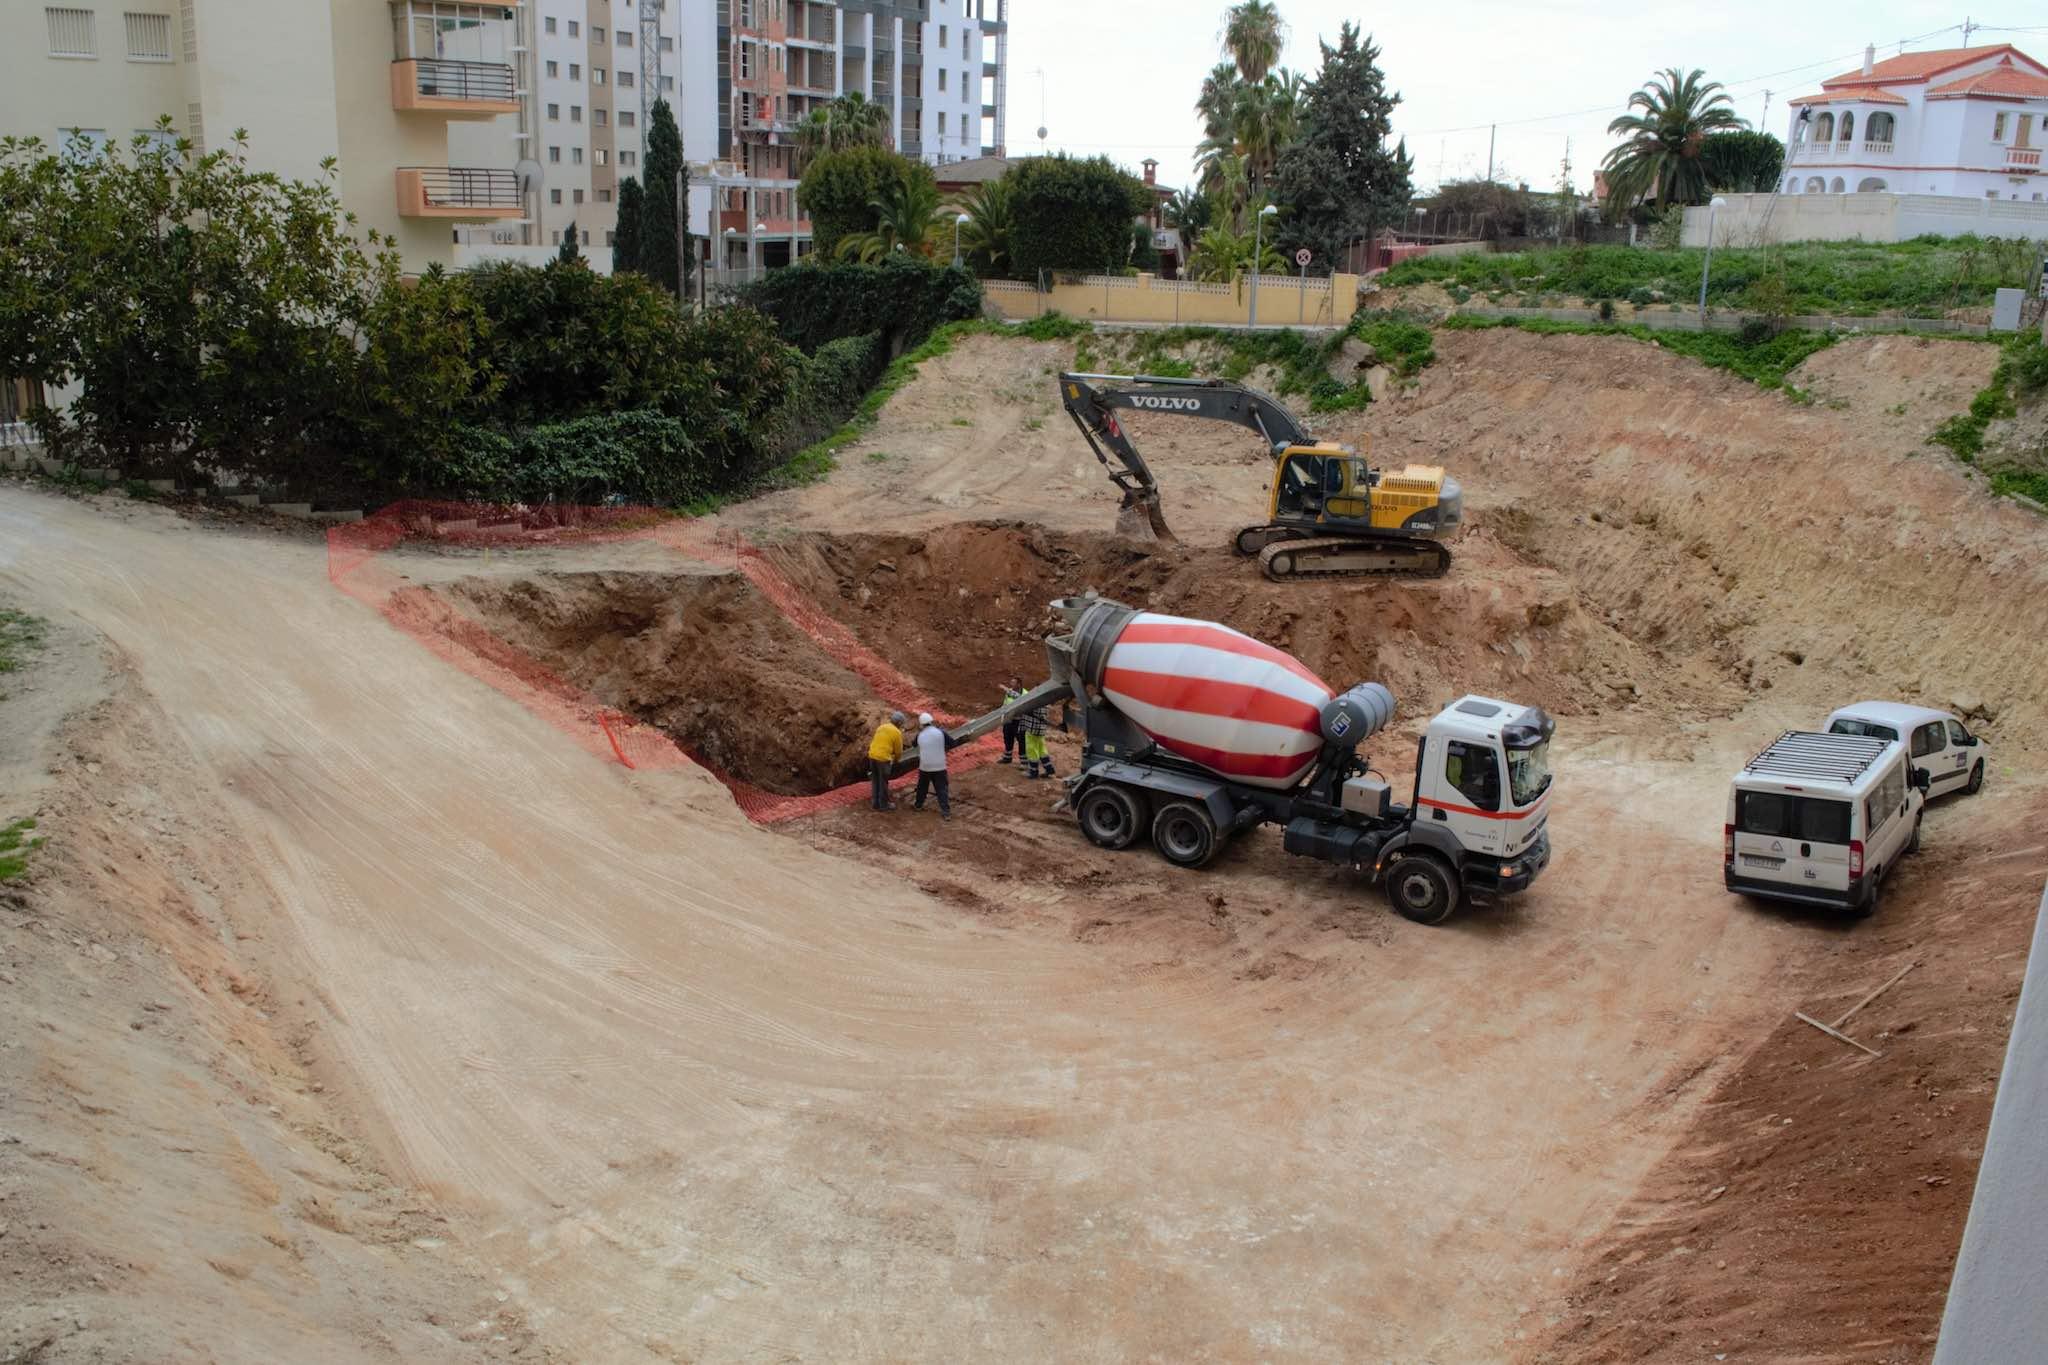 calpe beach apartments new development for sale costa blanca alicante valencia